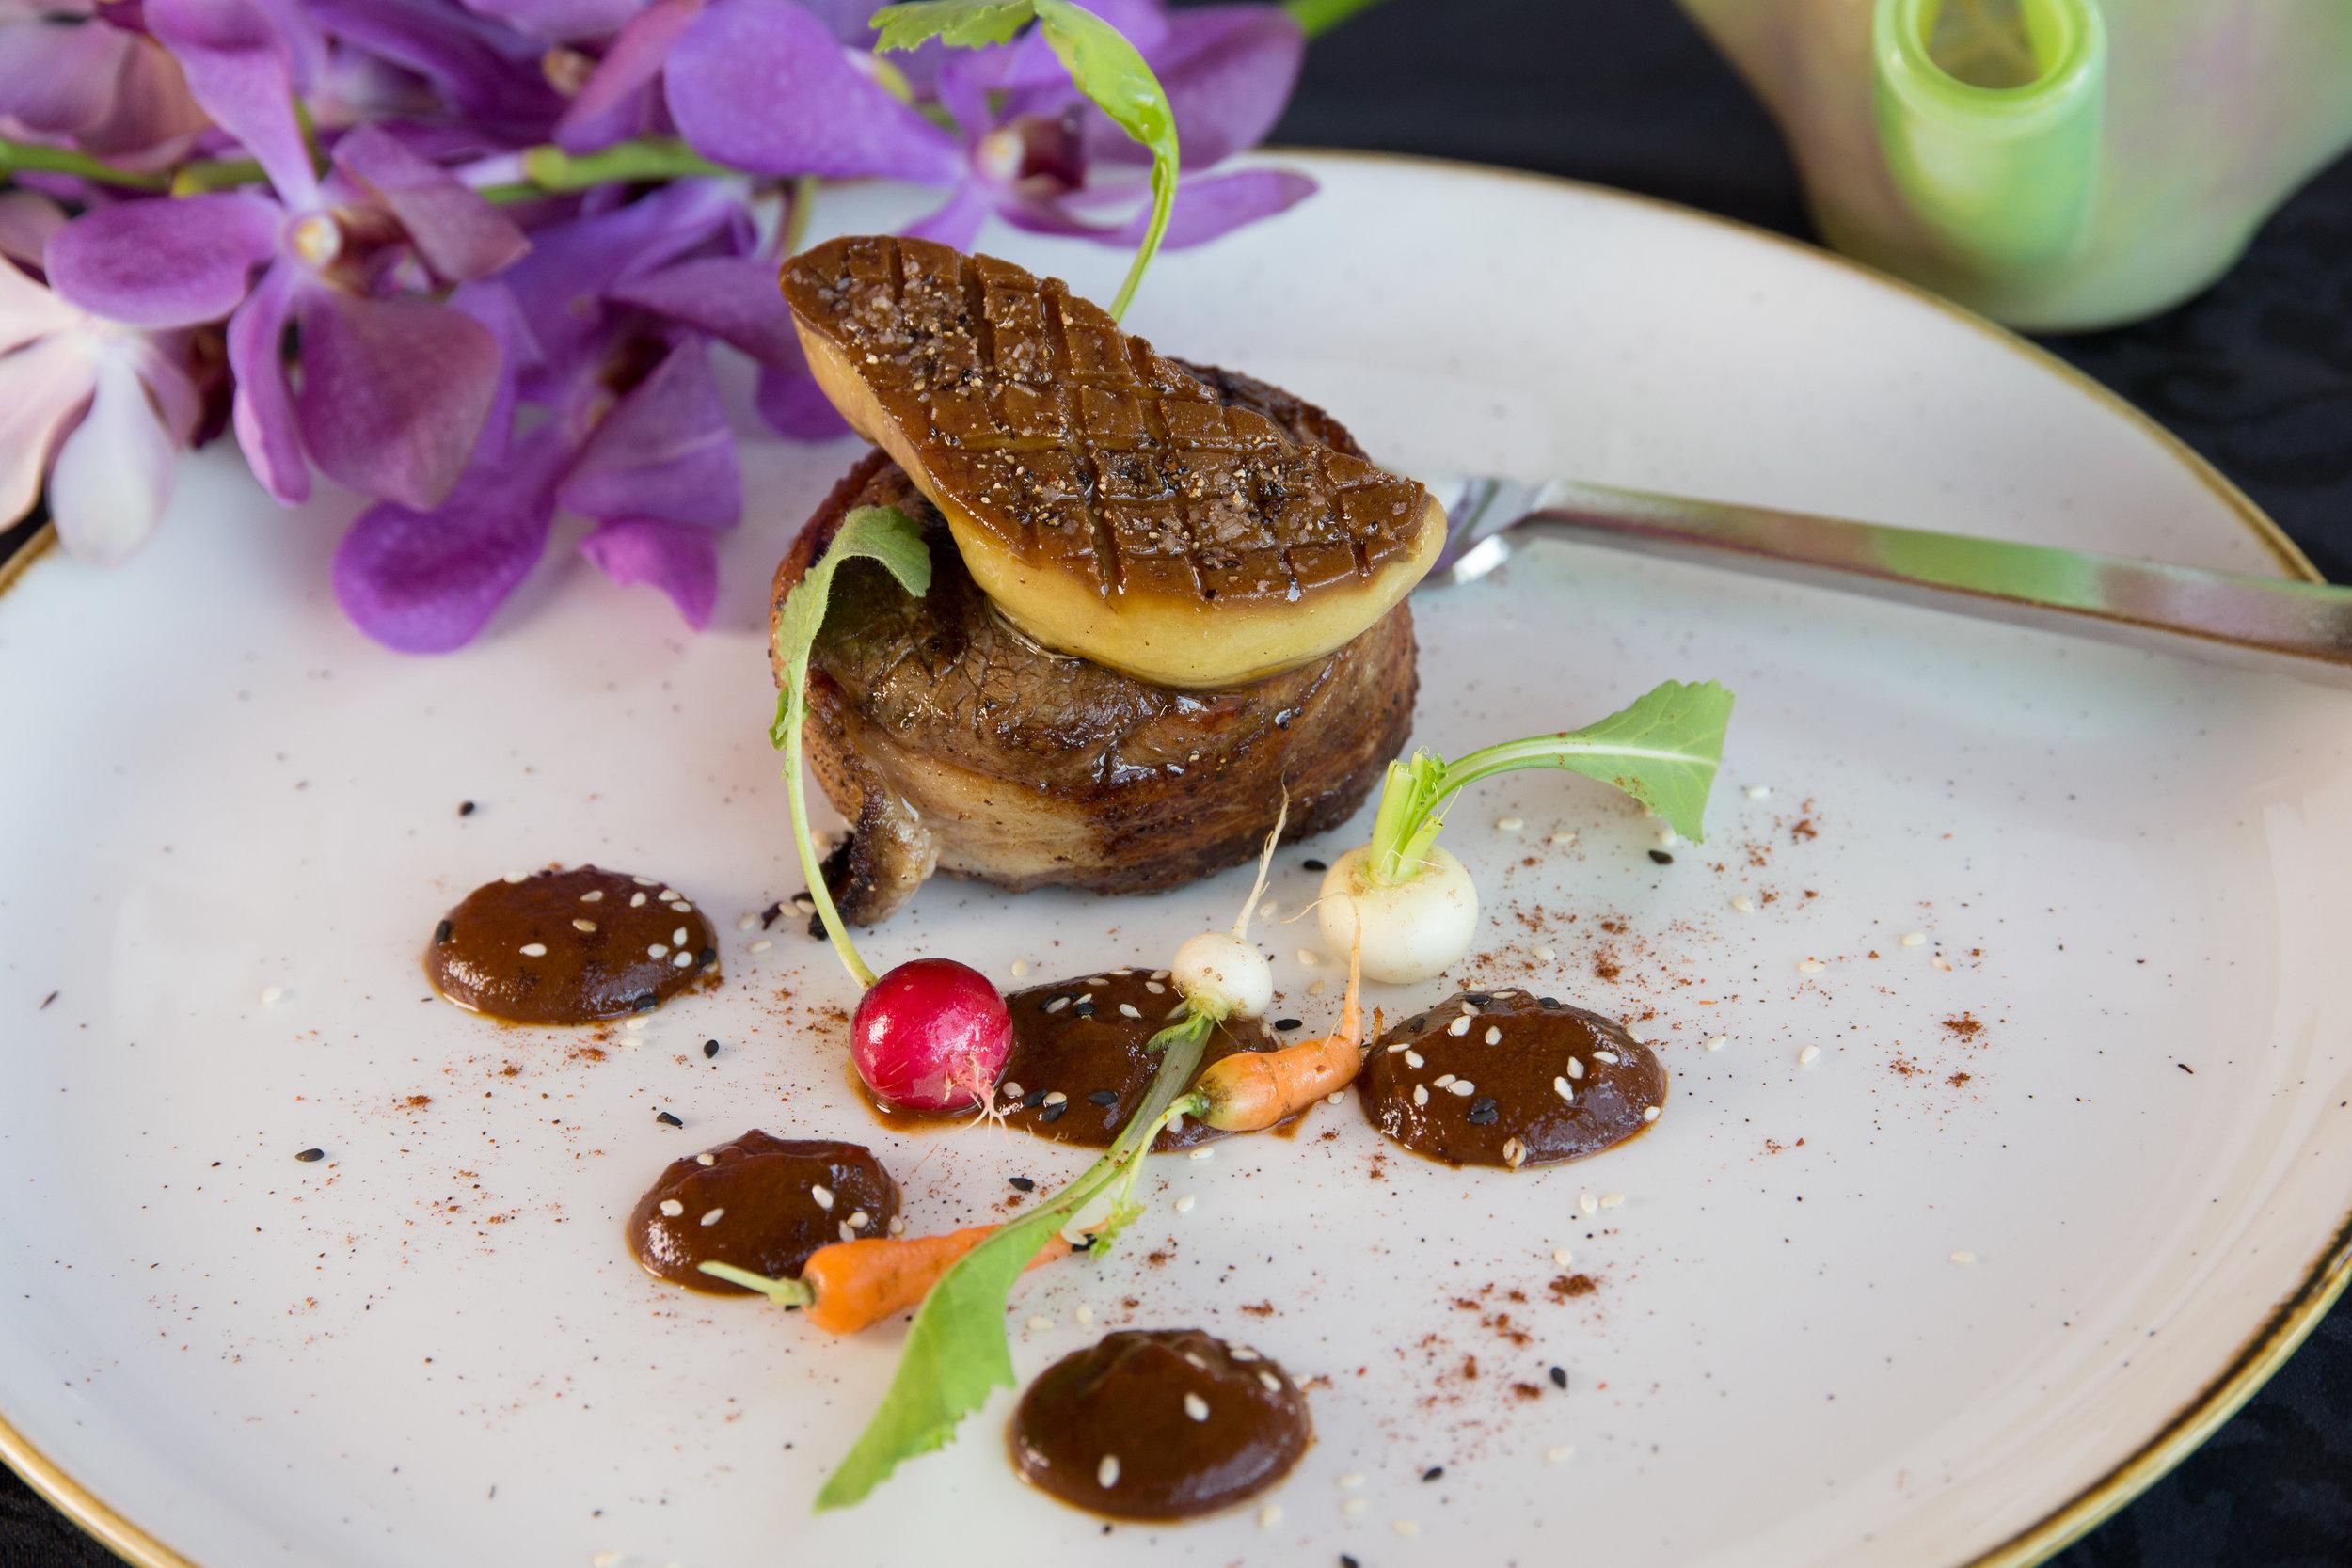 Bacon-wrapped buffalo tenderloin with foie gras and mole Oaxaqueño